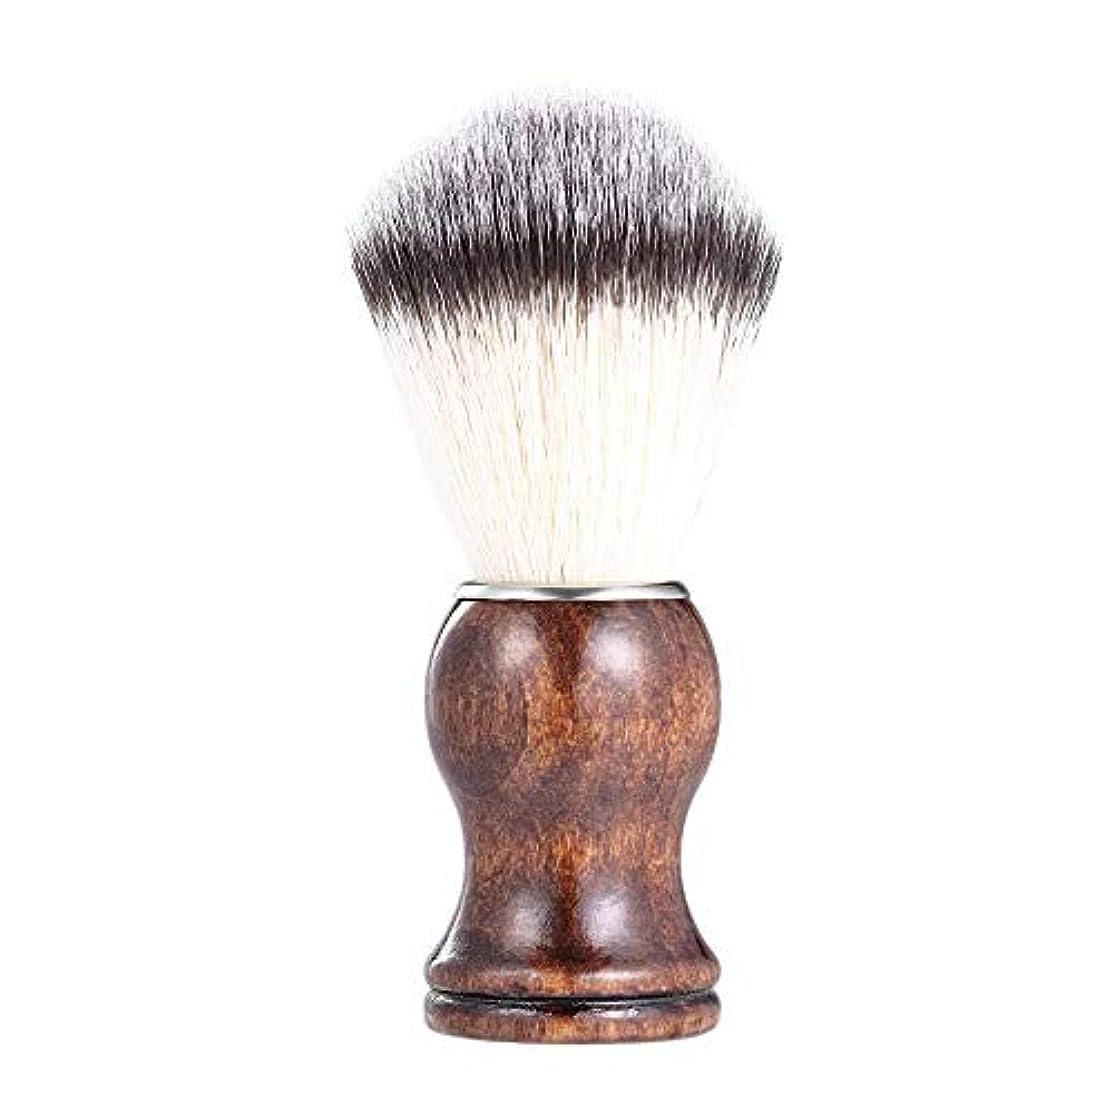 弓枝以来あごひげケア 美容ツール メンズ用 髭剃り ブラシ シェービングブラシ 木製ハンドル 男性 ギフト理容 洗顔 髭剃り